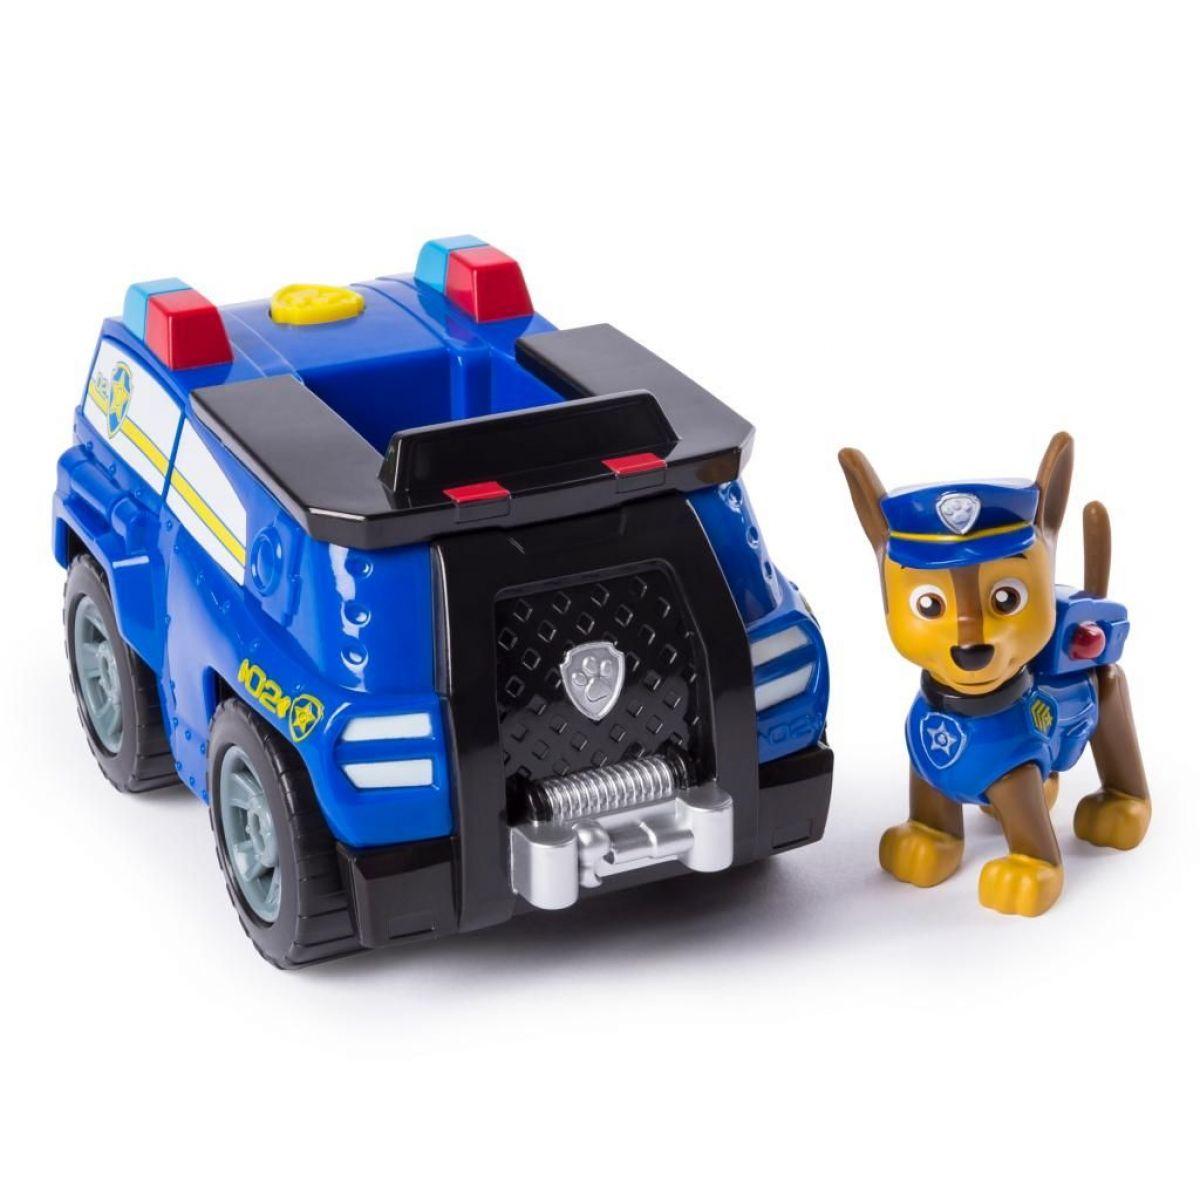 Spin Master Paw Patrol Chase Transforming Police Cruiser